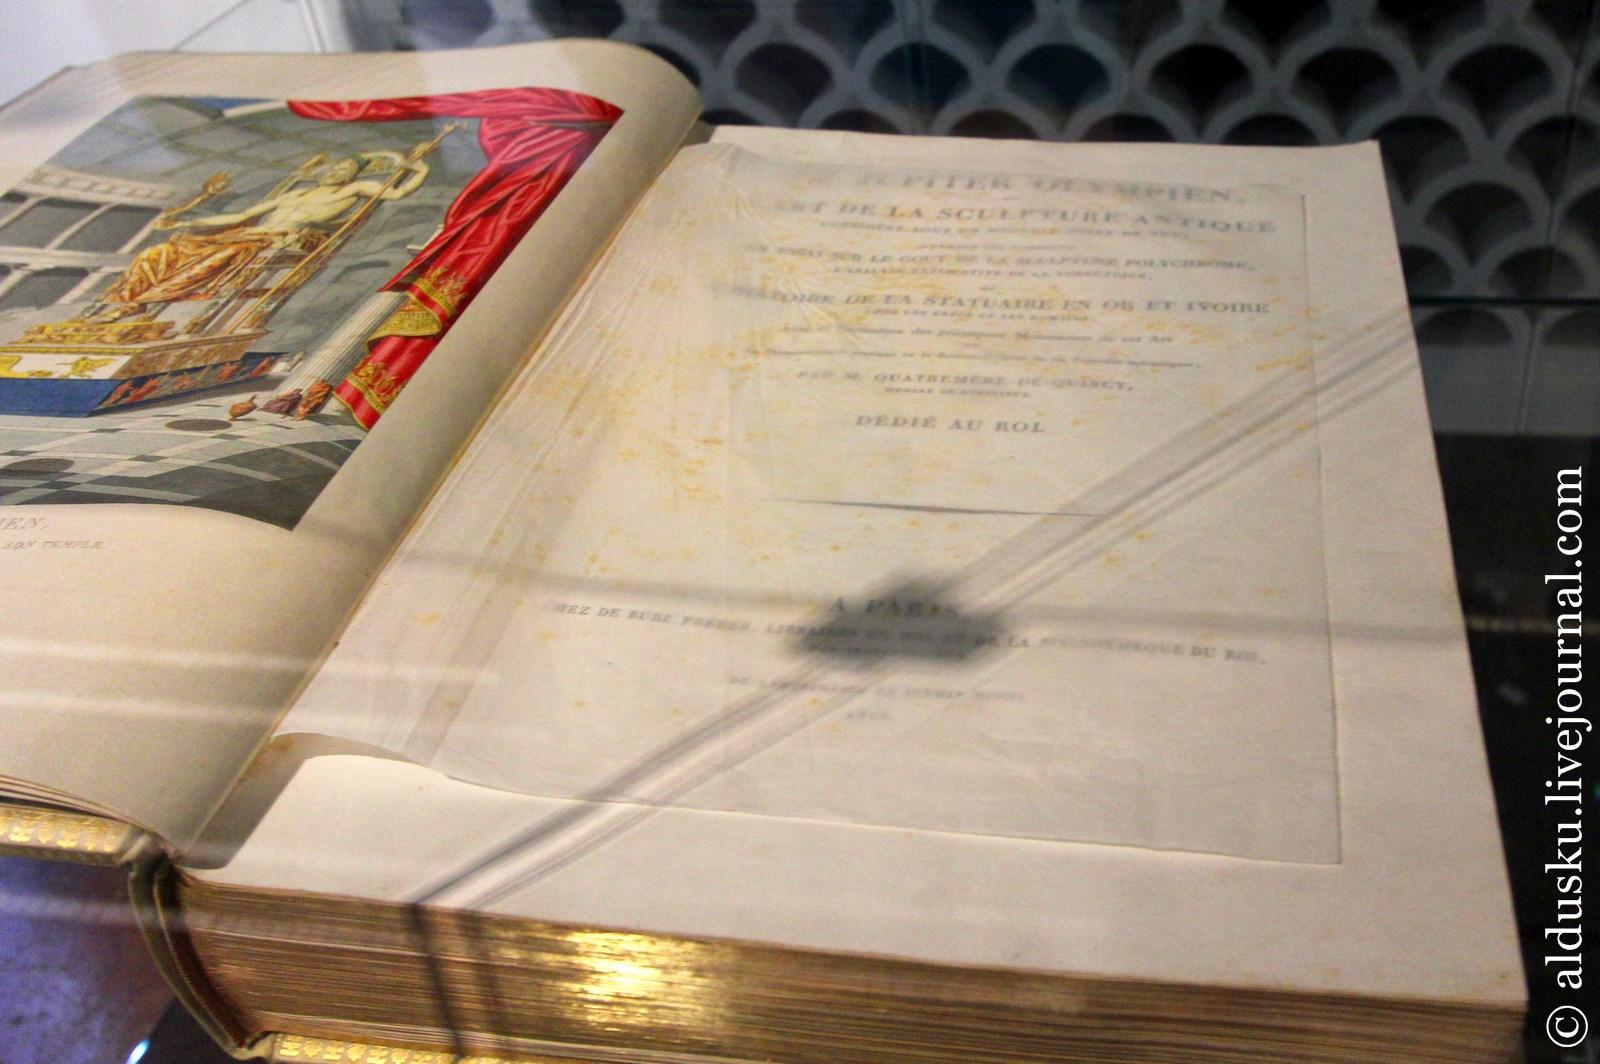 Вот она встреча с долгожданной уникой. Le Jupiter Olympien издания 1815 Дидо. Фотография через бронированное стекло.